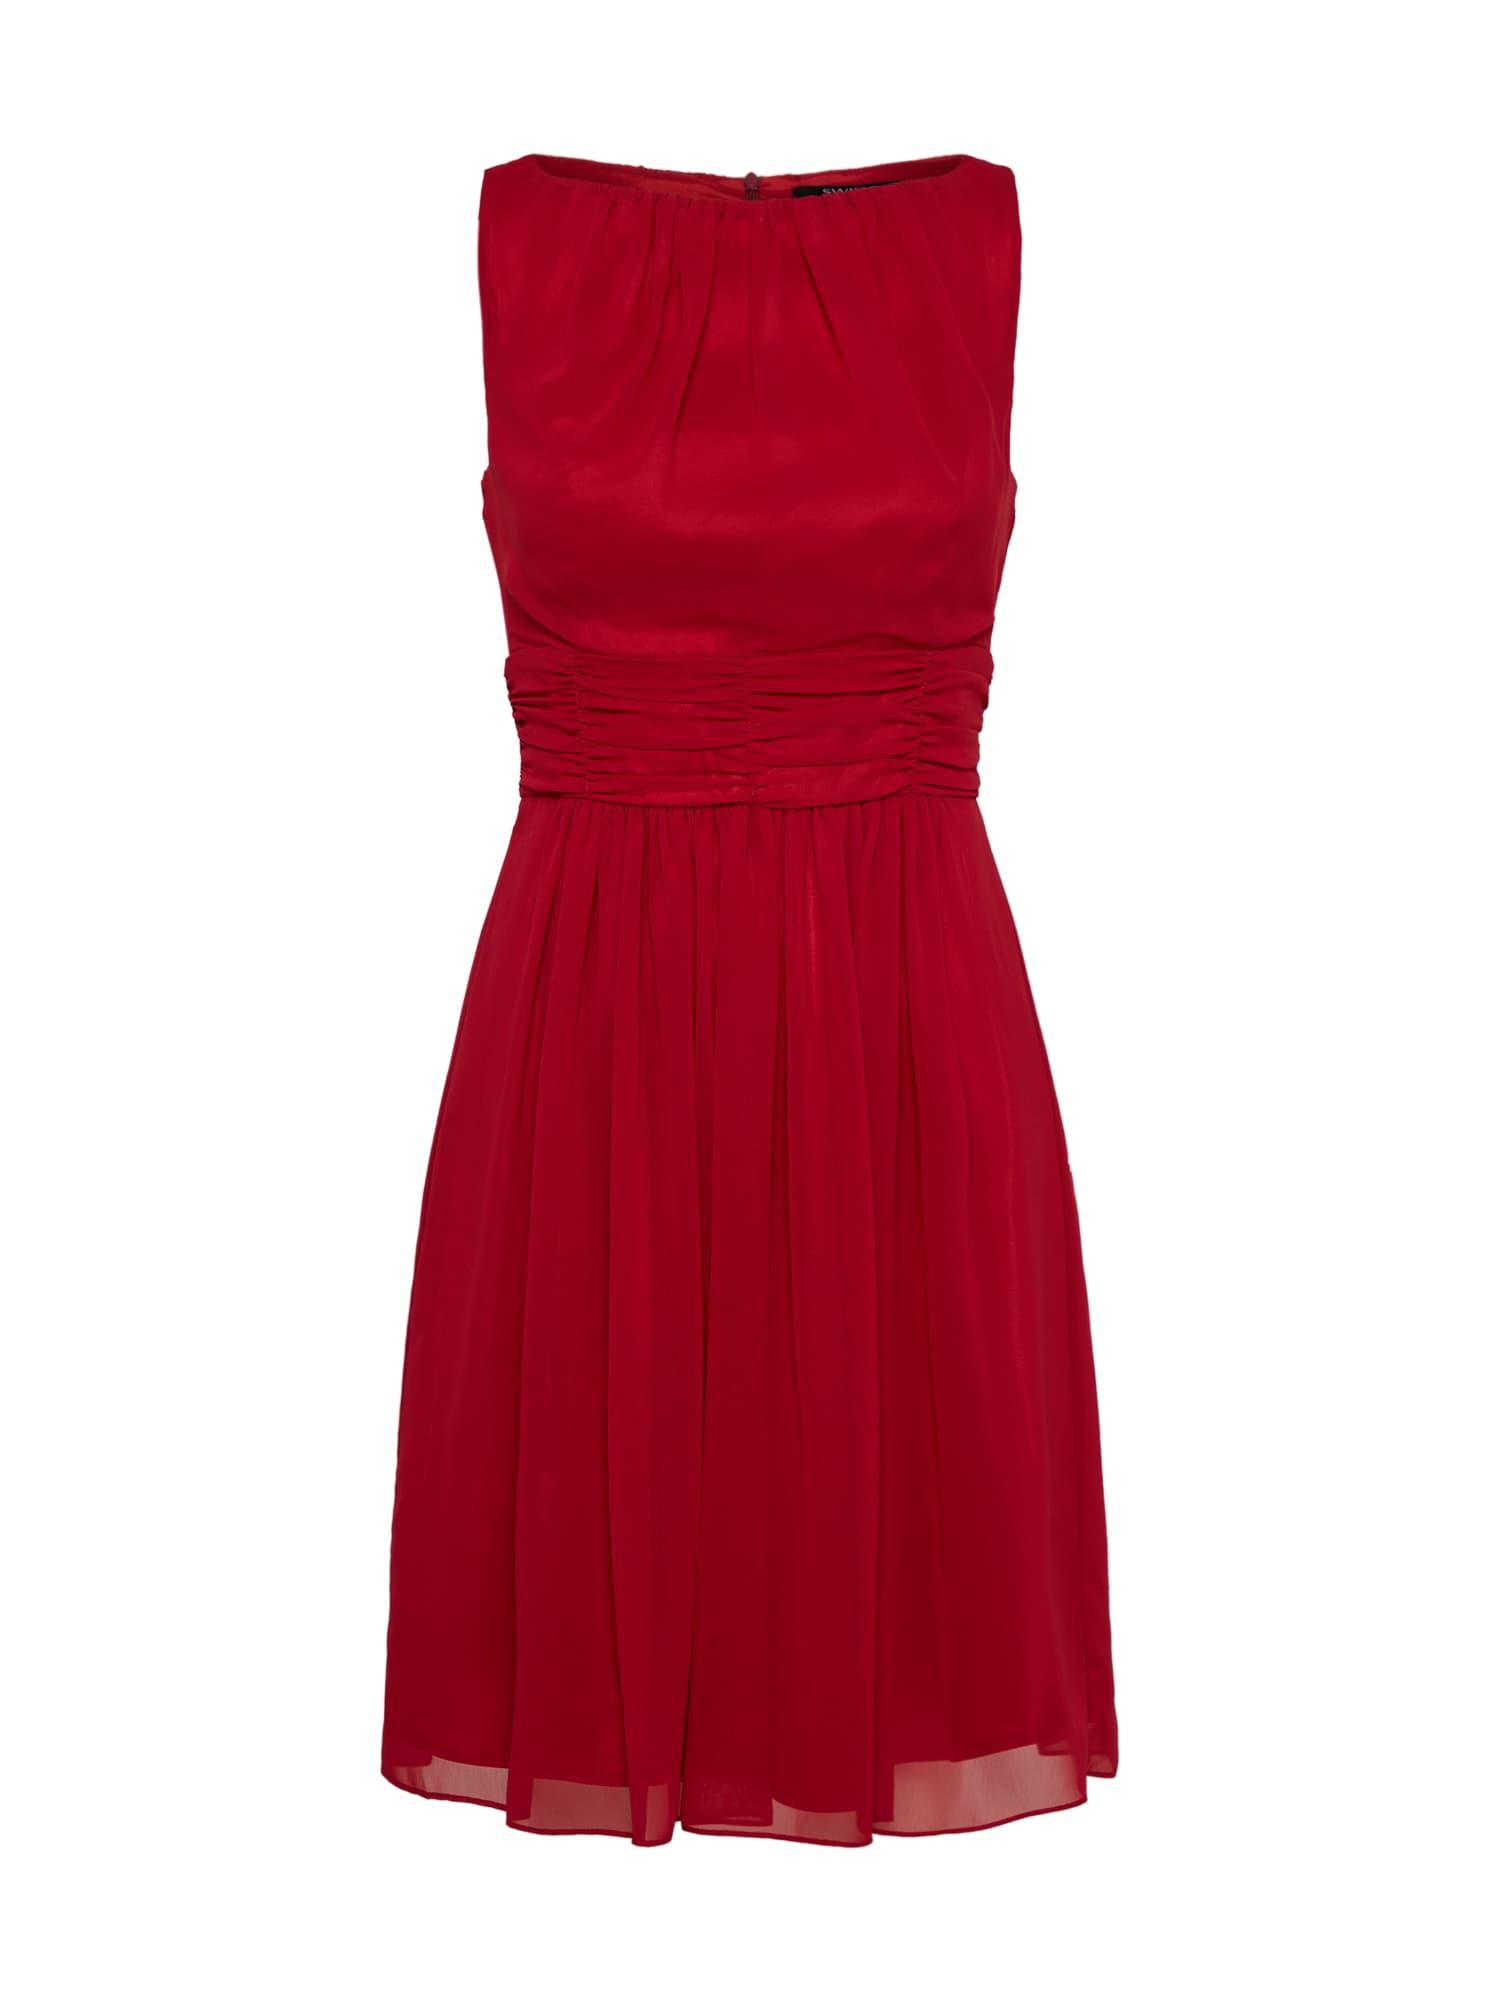 SWING Kokteilinė suknelė raudona